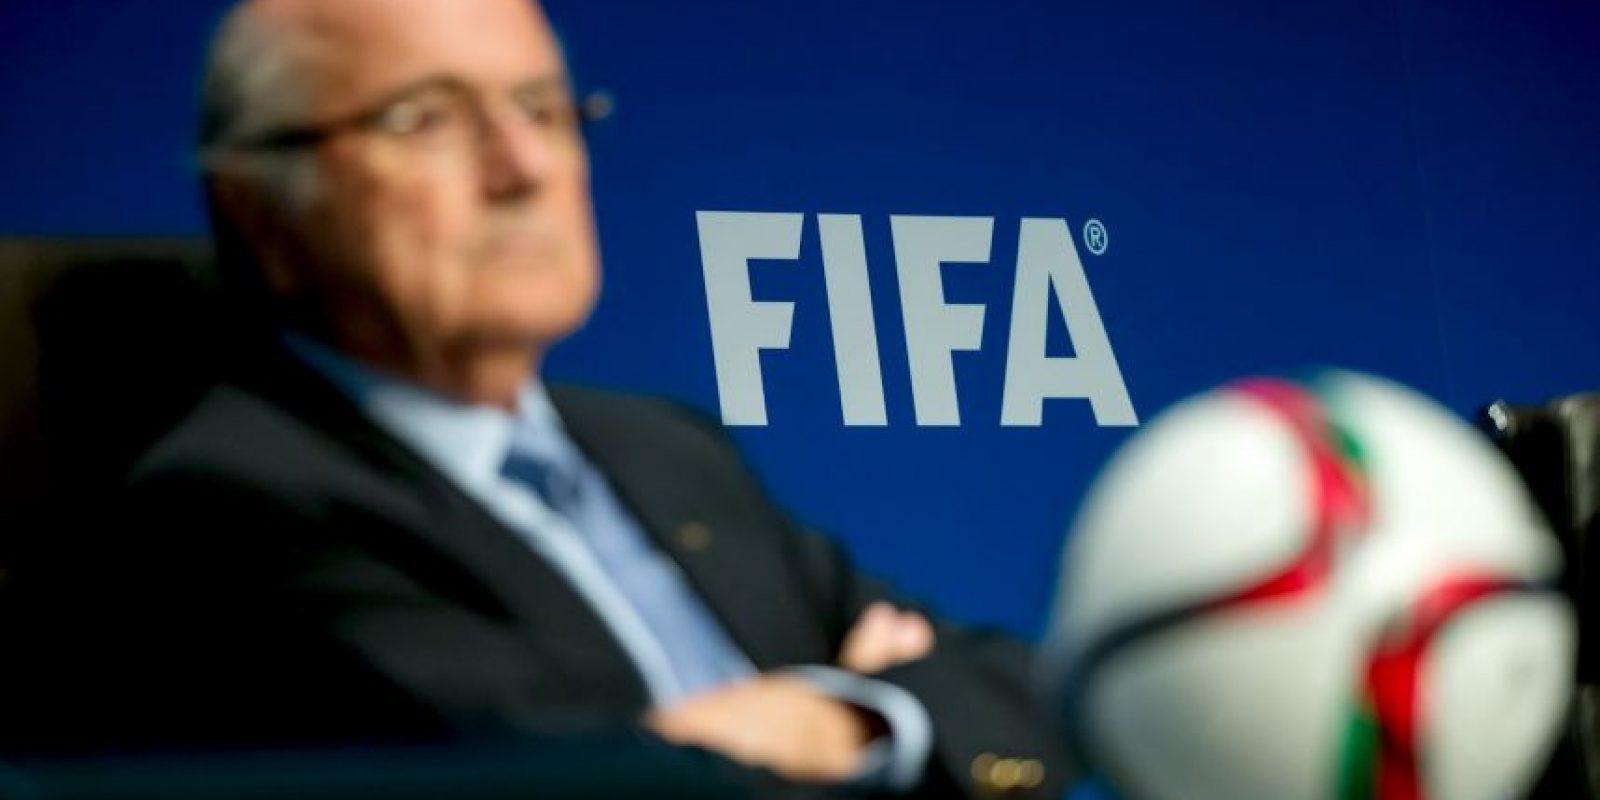 """En septiembre la televisión suiza difunde contratos que señalan a Blatter como uno de los responsables por la venta de los derechos de los Mundiales de 2010 y 2014 . Además, es acusado de hacerle un """"pago desleal"""" a Michel Platini por 1.8 millones de euros. Foto:Getty Images"""